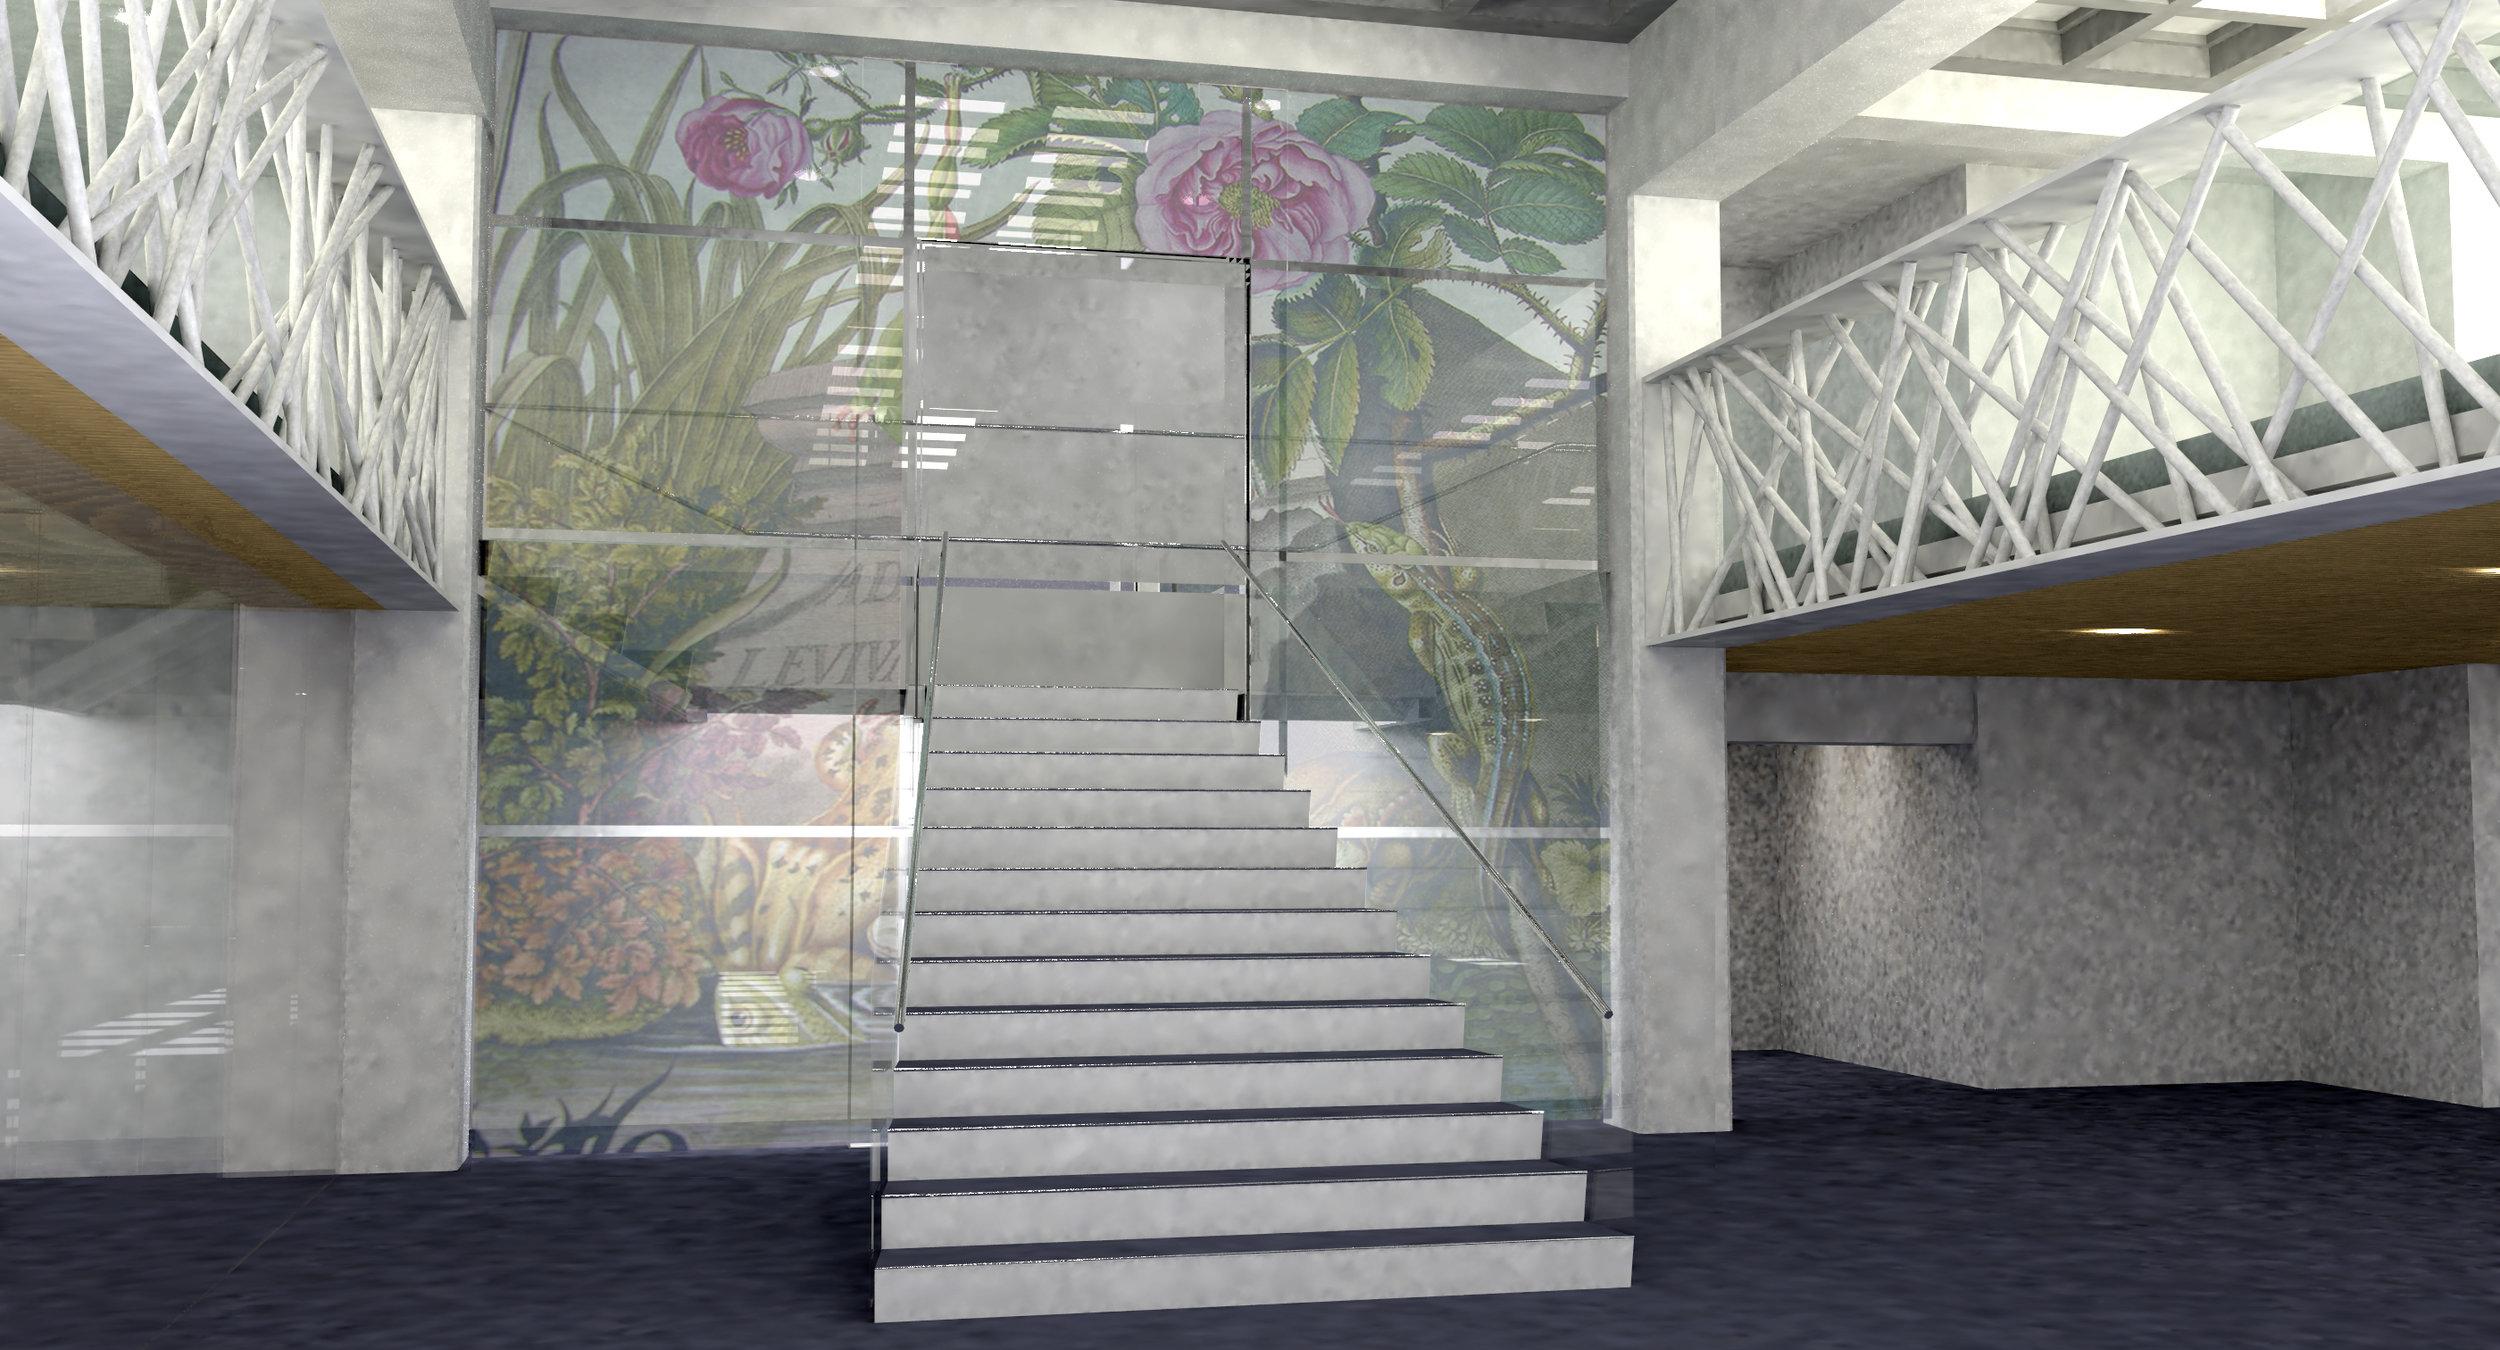 140121 - Mural Wall & Stairs.jpg